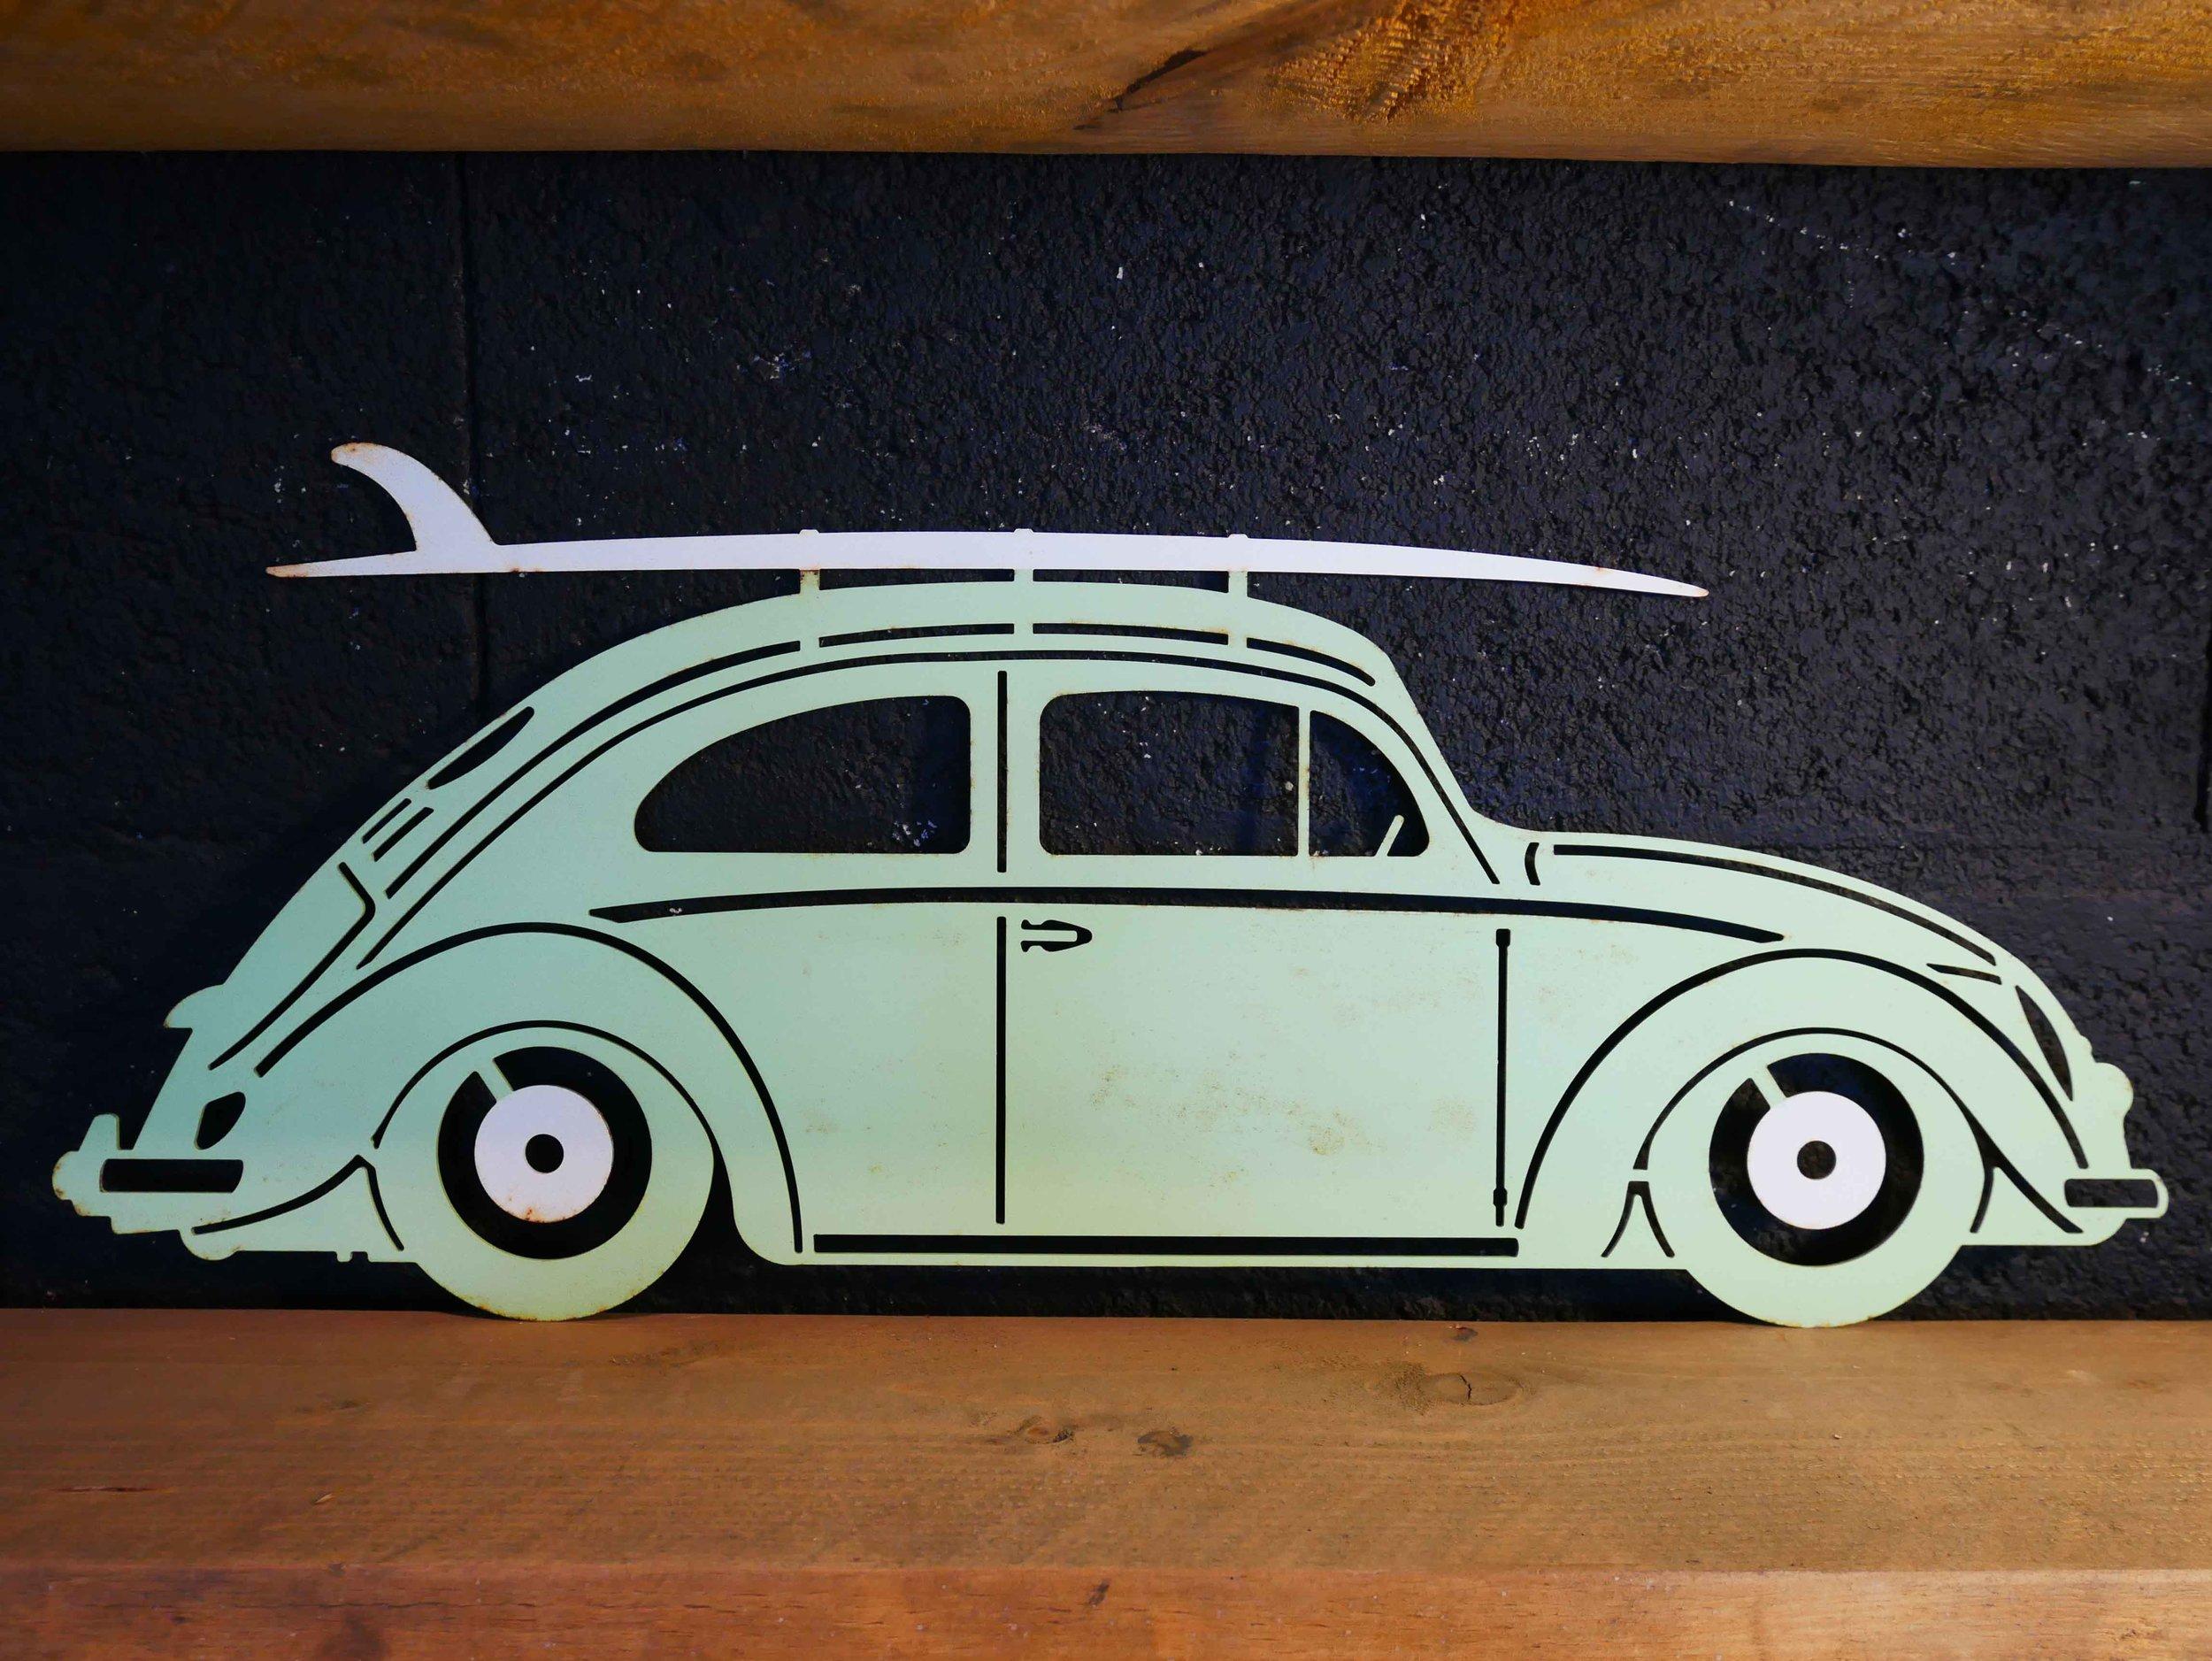 Récréa_profil véhicule_VW_cox_surf_02.jpg